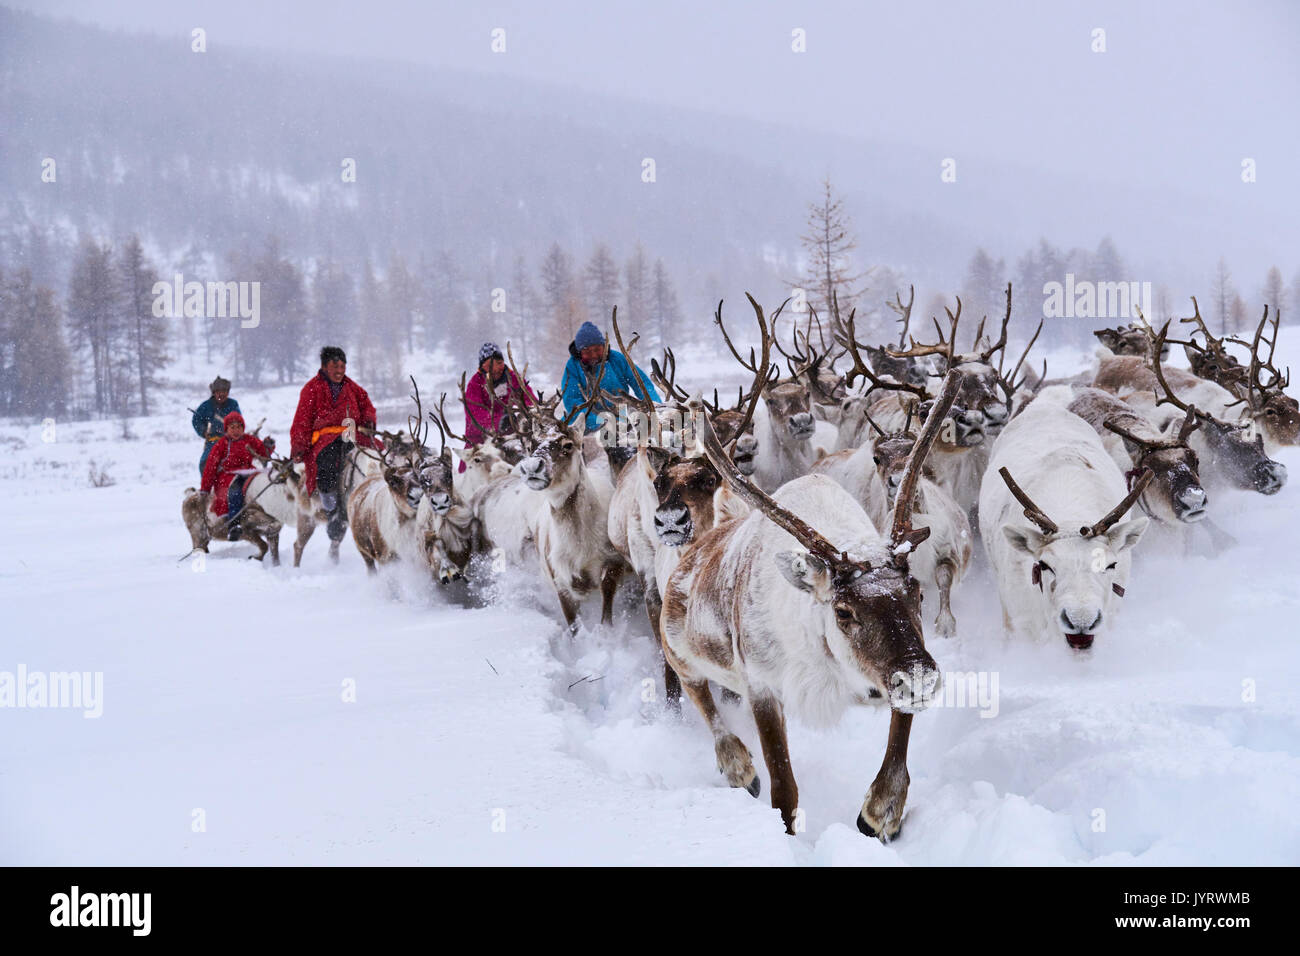 La Mongolie, province Khövsgöl, le gardien de rennes, Tsaatan, migration d'hiver, la transhumance Photo Stock